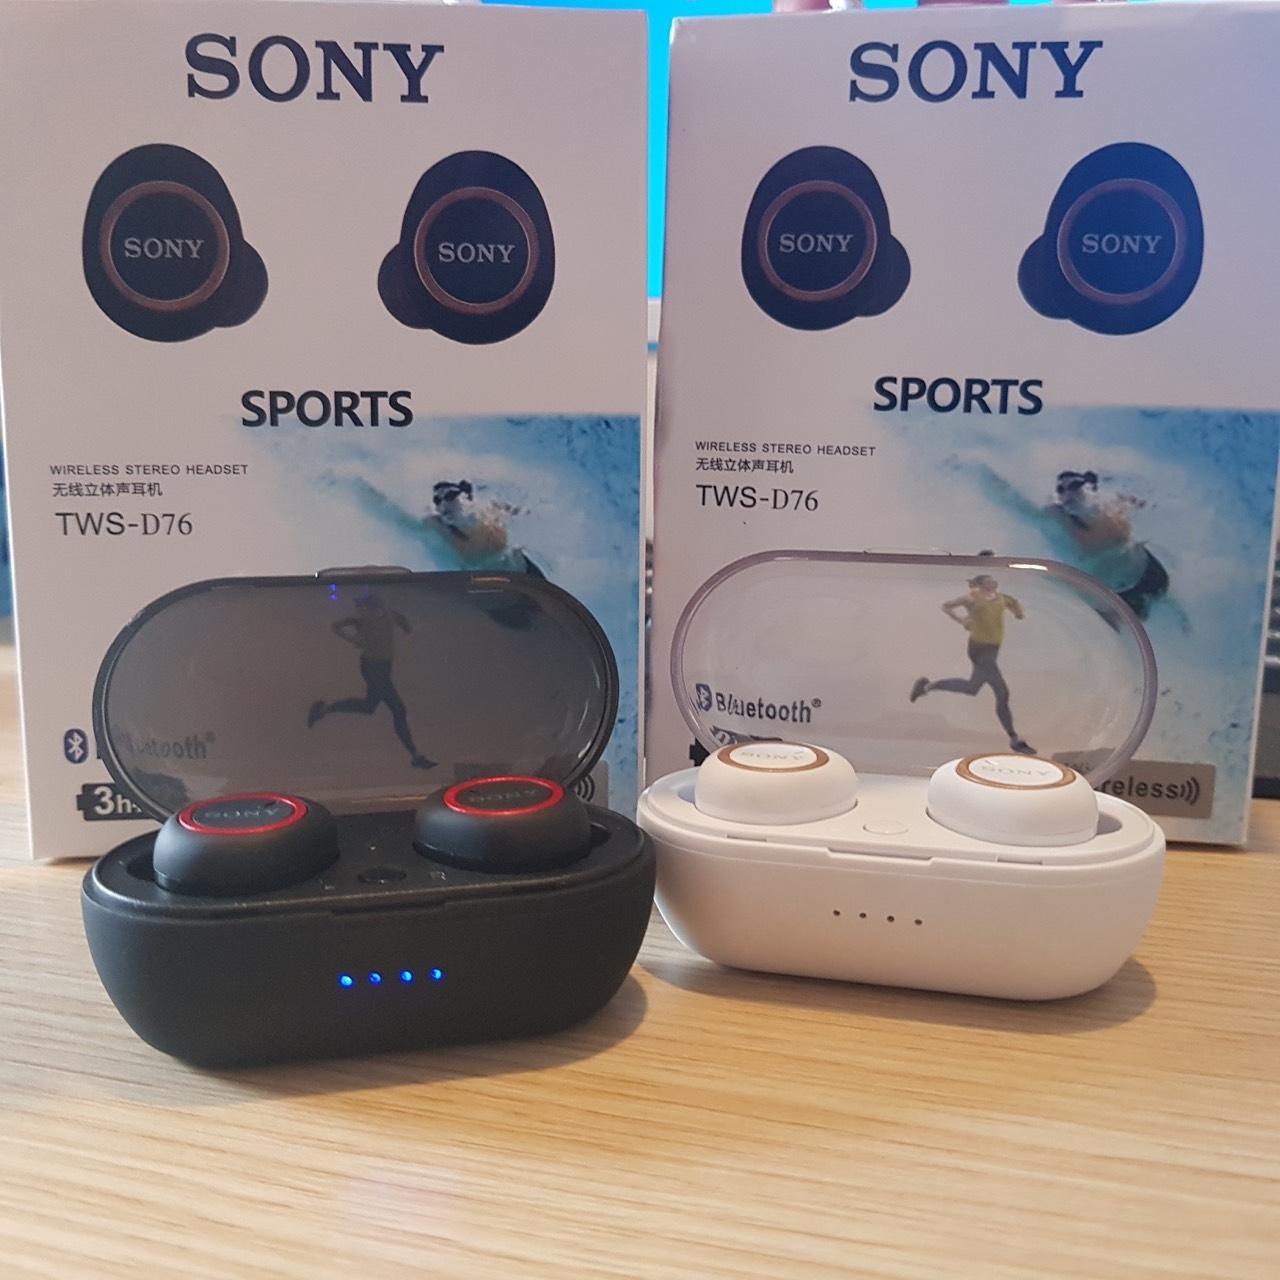 Mã Khuyến Mãi Khi Mua Tai Nghe Bluetooth Sony TWS D76 Cao Cấp Kiểu Airpod 2 Tai Có Dock Sạc